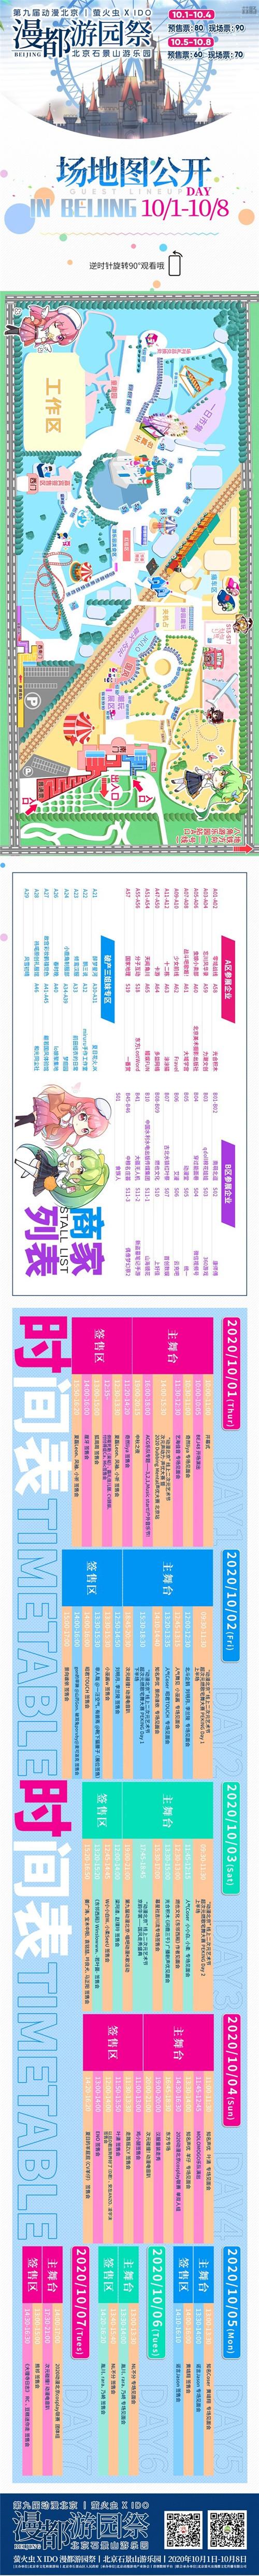 第九届动漫北京暨萤火虫×IDO 漫都游园祭全情报公开!! 漫展 第11张